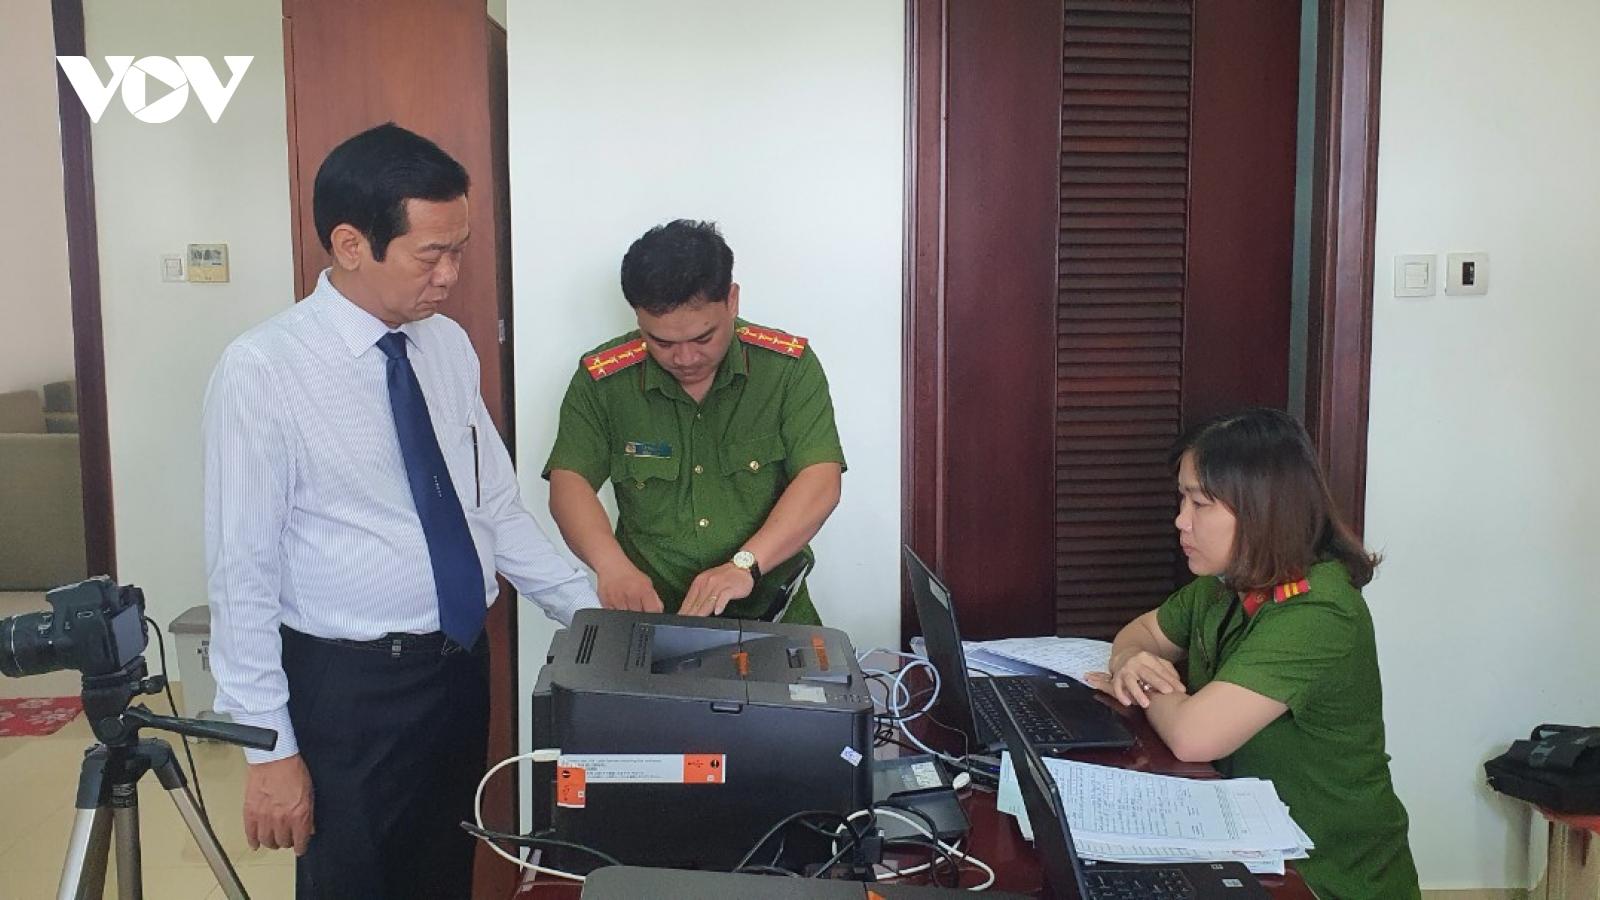 Kiên Giang bắt đầu triển khai cấp căn cước công dân mới có gắn thẻ chíp điện tử